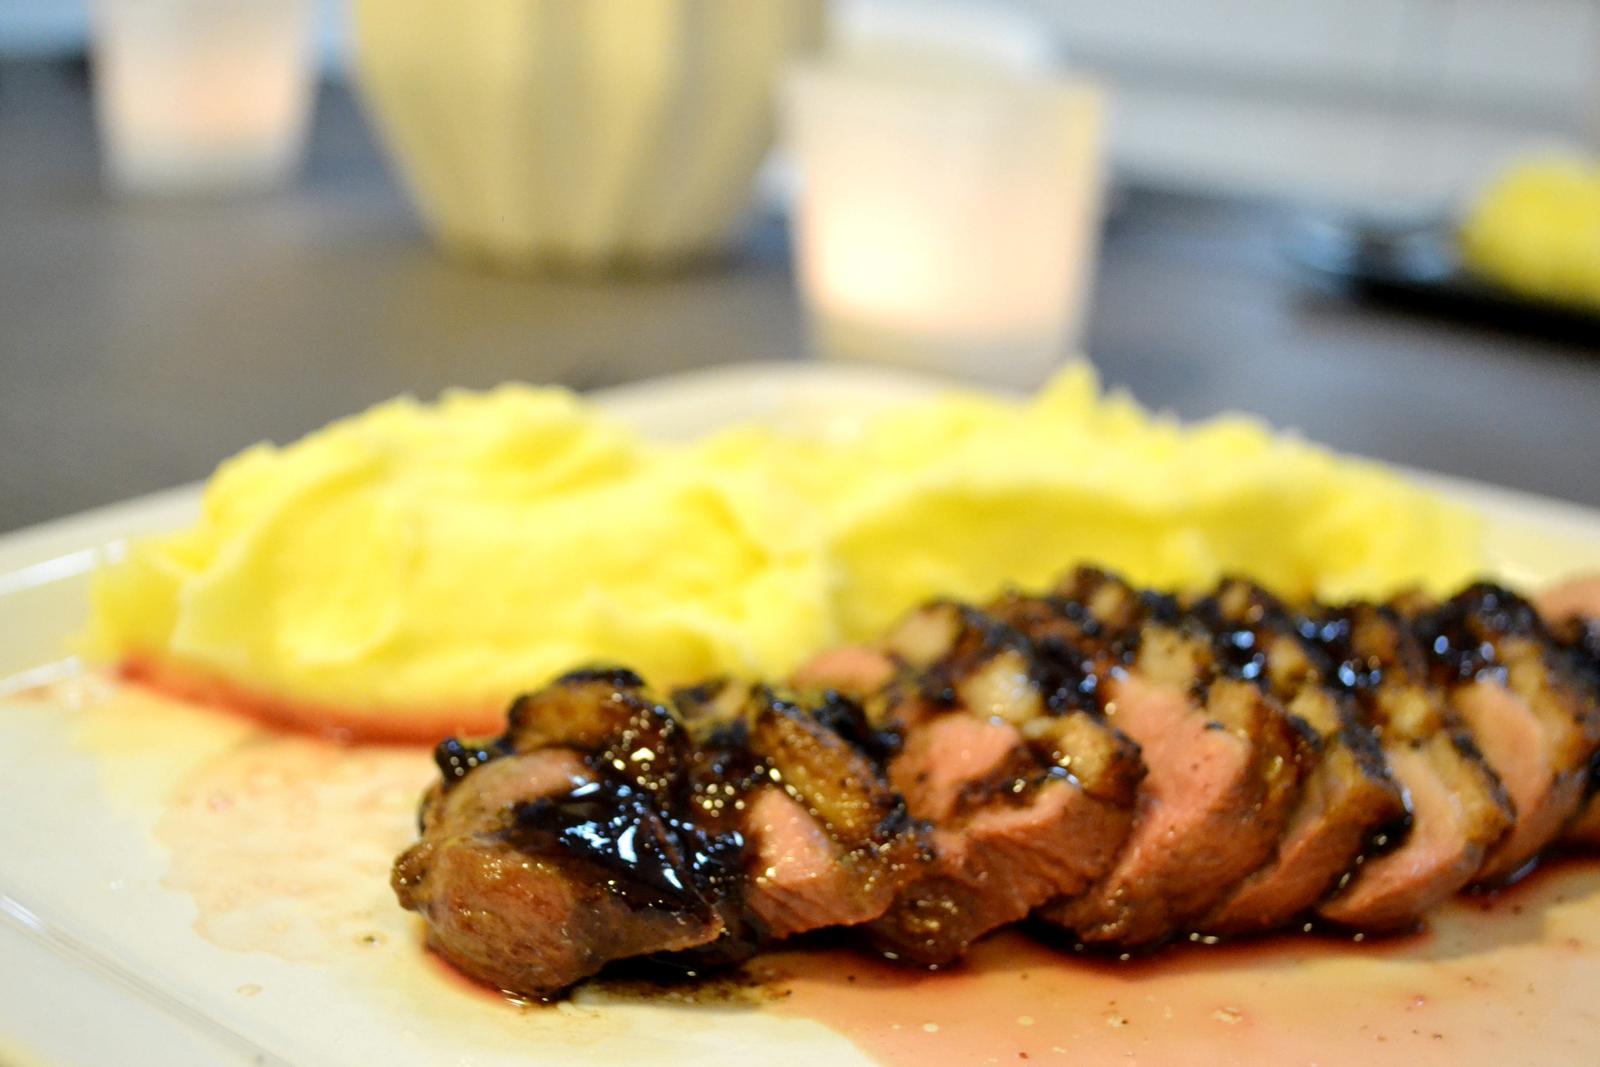 Upečeno a uvařeno u nás doma - Drahý vařil - kachní prsíčka na kořenové zelenině s redukcí z červeného vína a bramborovou kaší